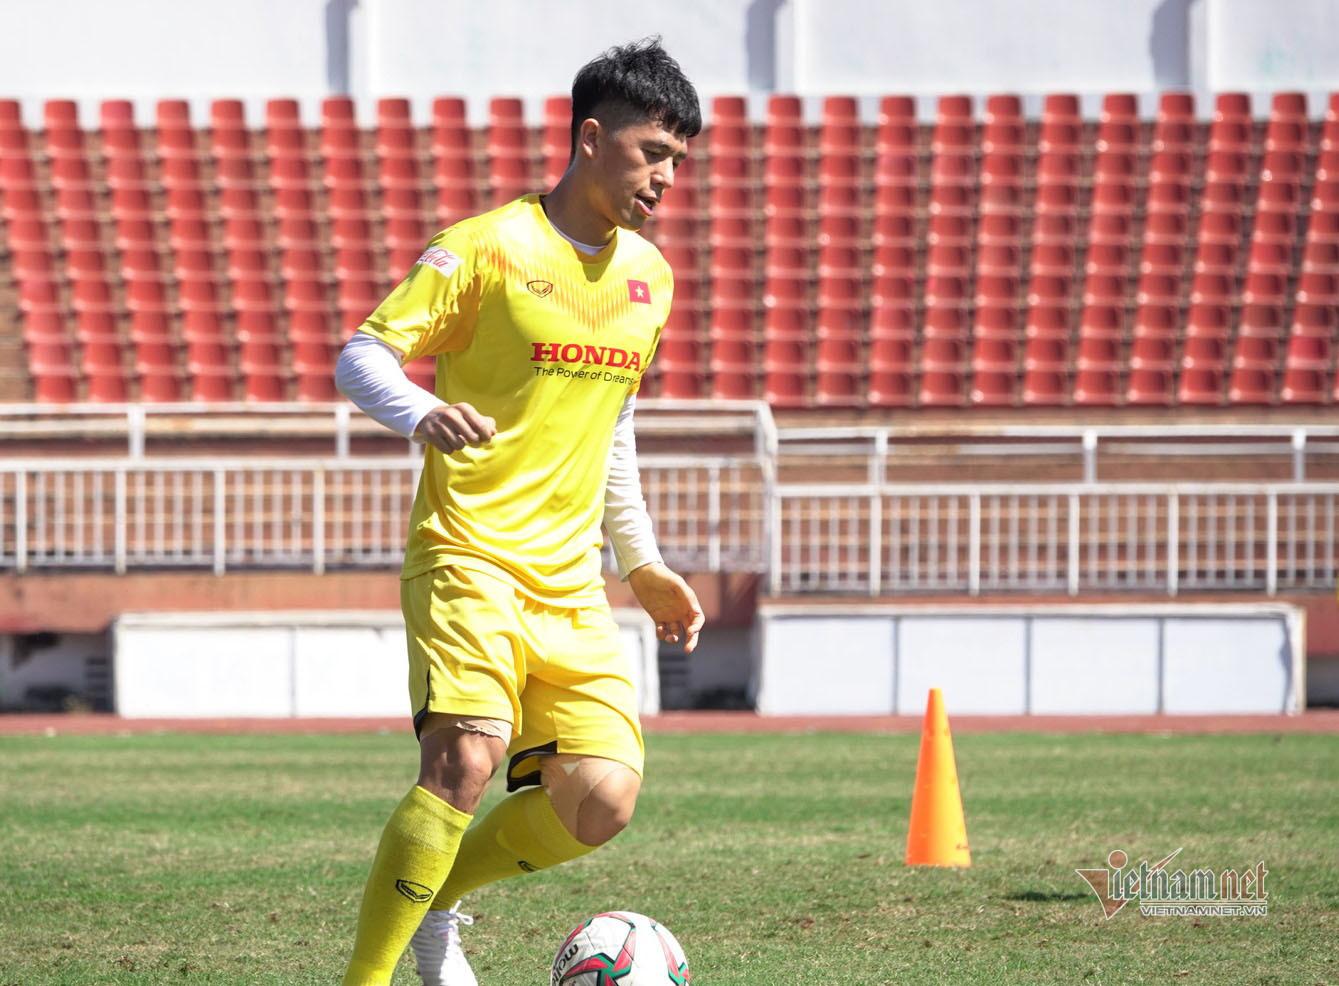 Sao U23 Việt Nam đáp cực gắt Messi Thái sau lời khiêu chiến-9